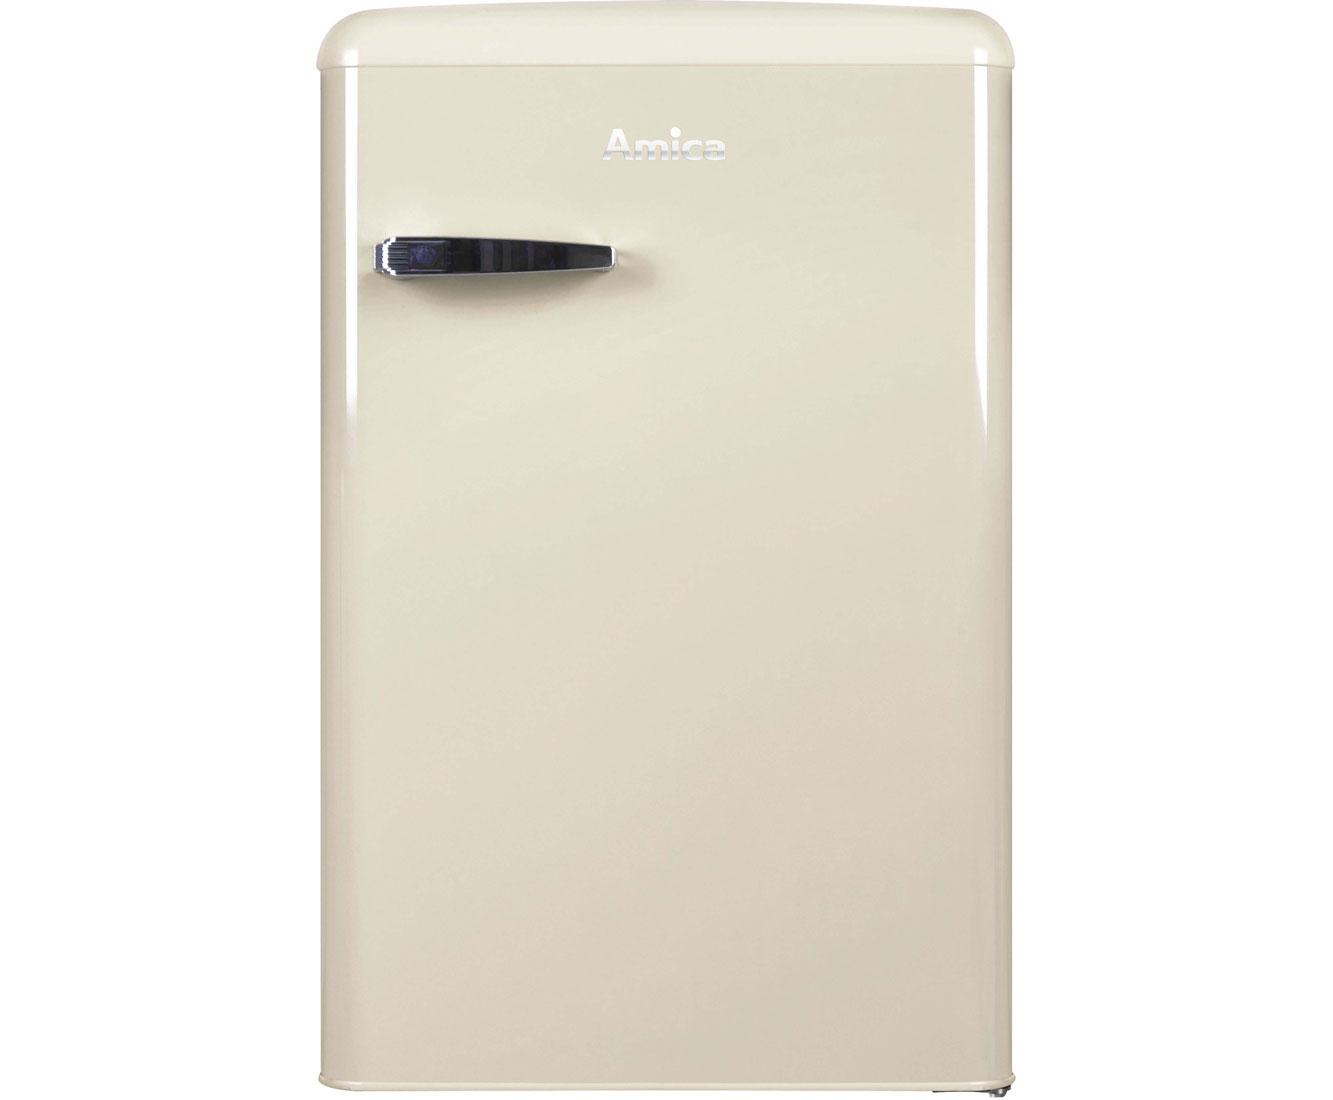 Amica Kühlschrank Mit Gefrierfach : Amica retro kühlschrank mit gefrierfach u anadolufotografdernegi